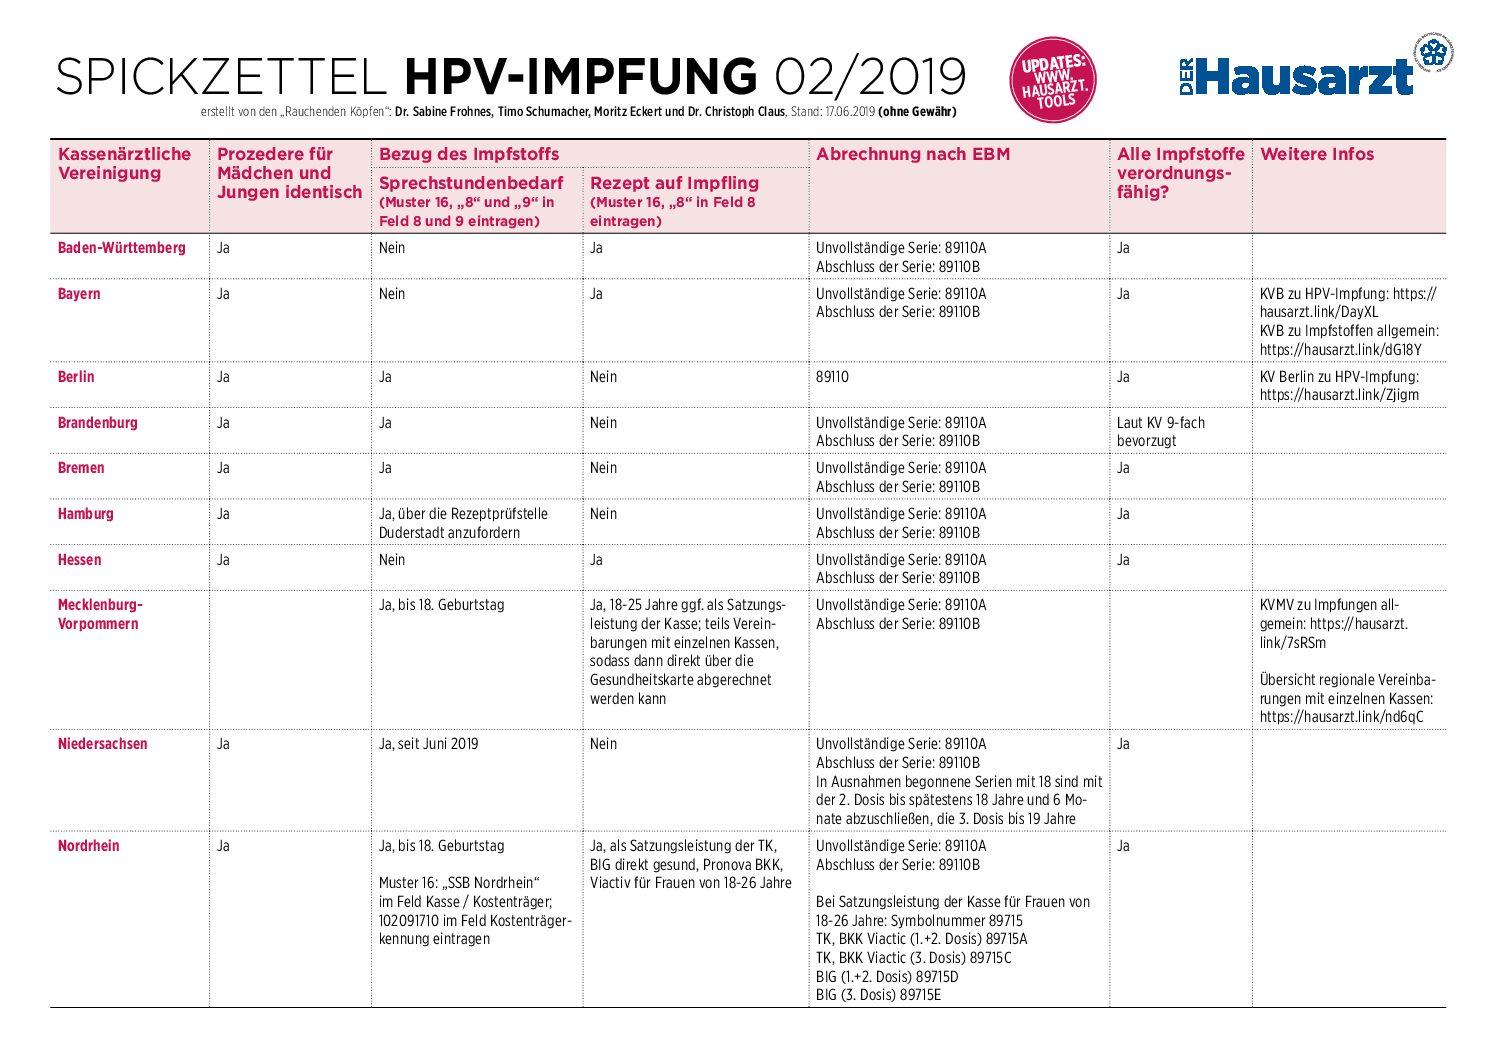 Papilloma impfung jungen, Hpv impfung jungen nach 18 - IATE_DE_RO